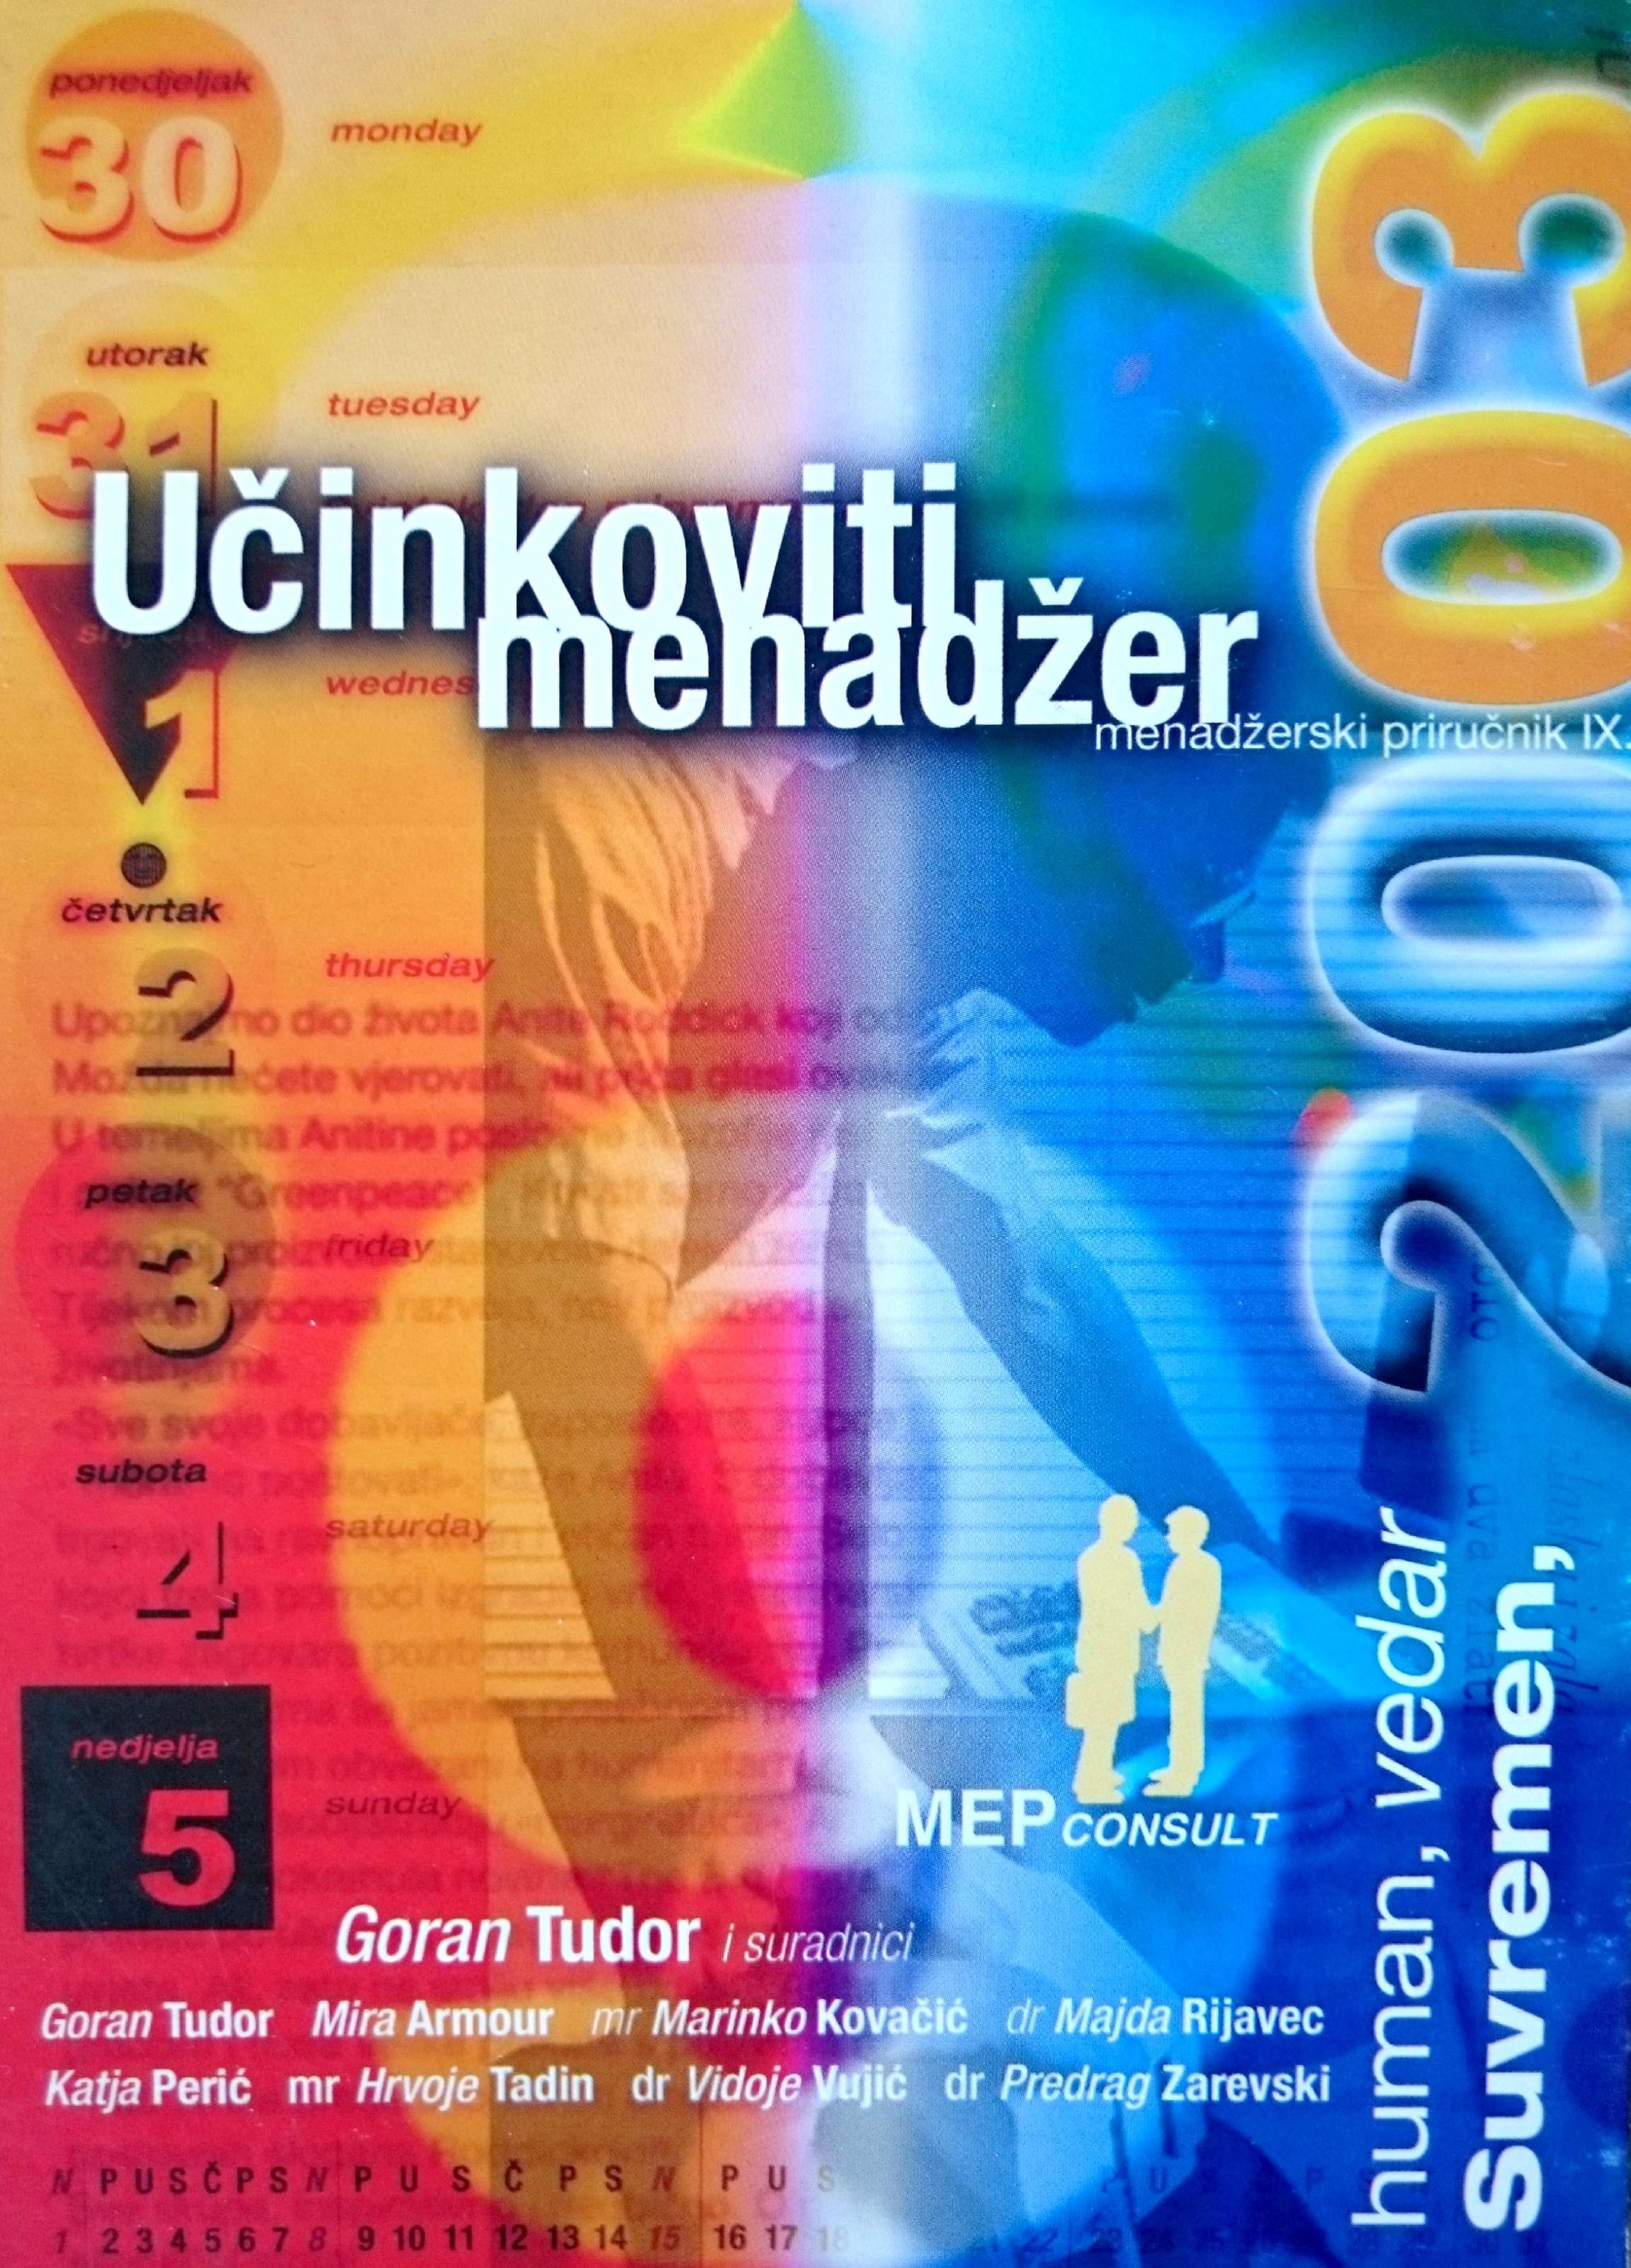 UČINKOVITI MENADŽER 2003 - Naruči svoju knjigu